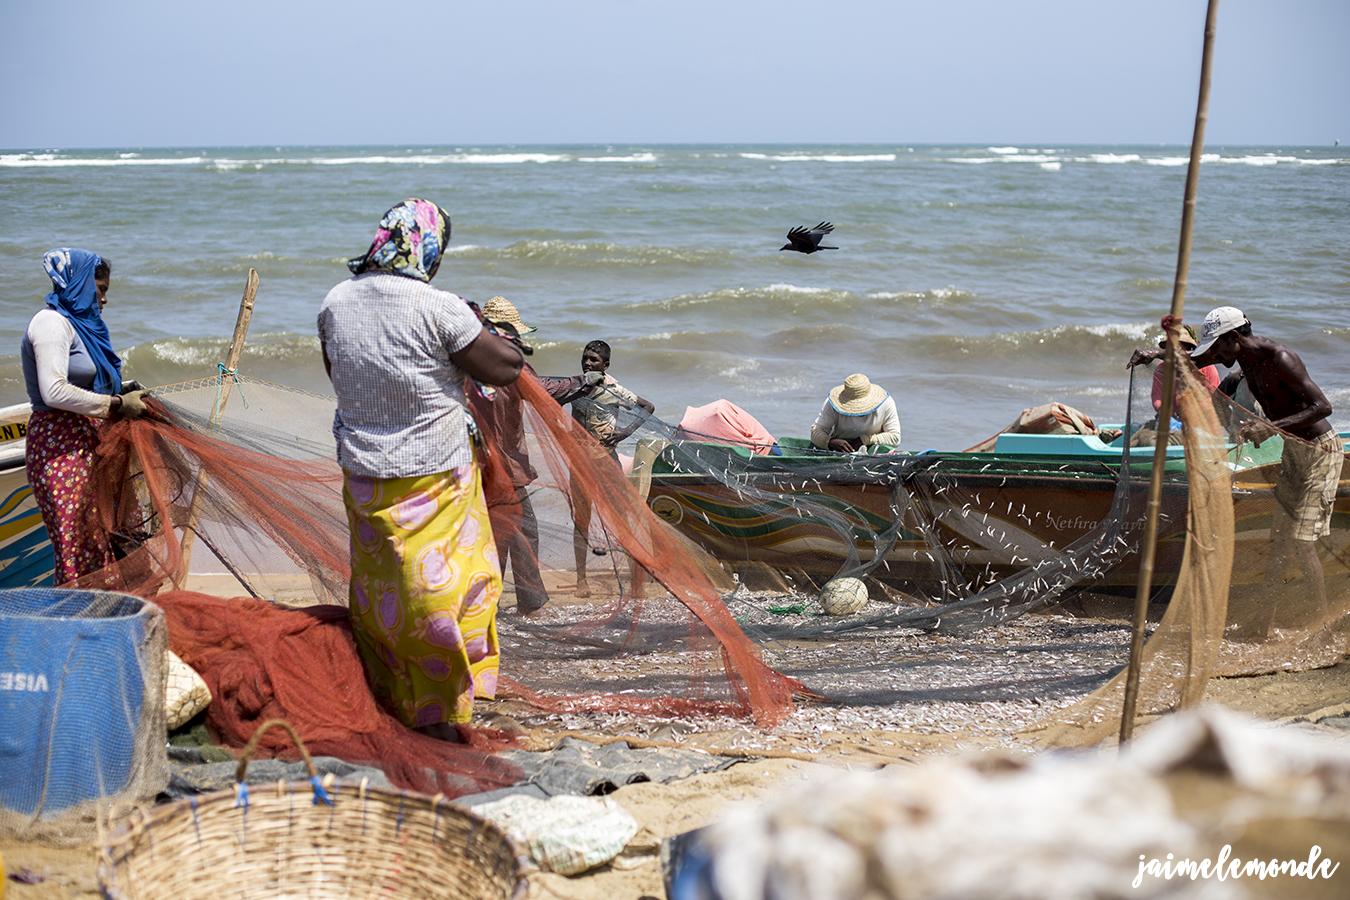 negombo-marche-aux-poissons-voyage-au-sri-lanka-jaimelemonde-10